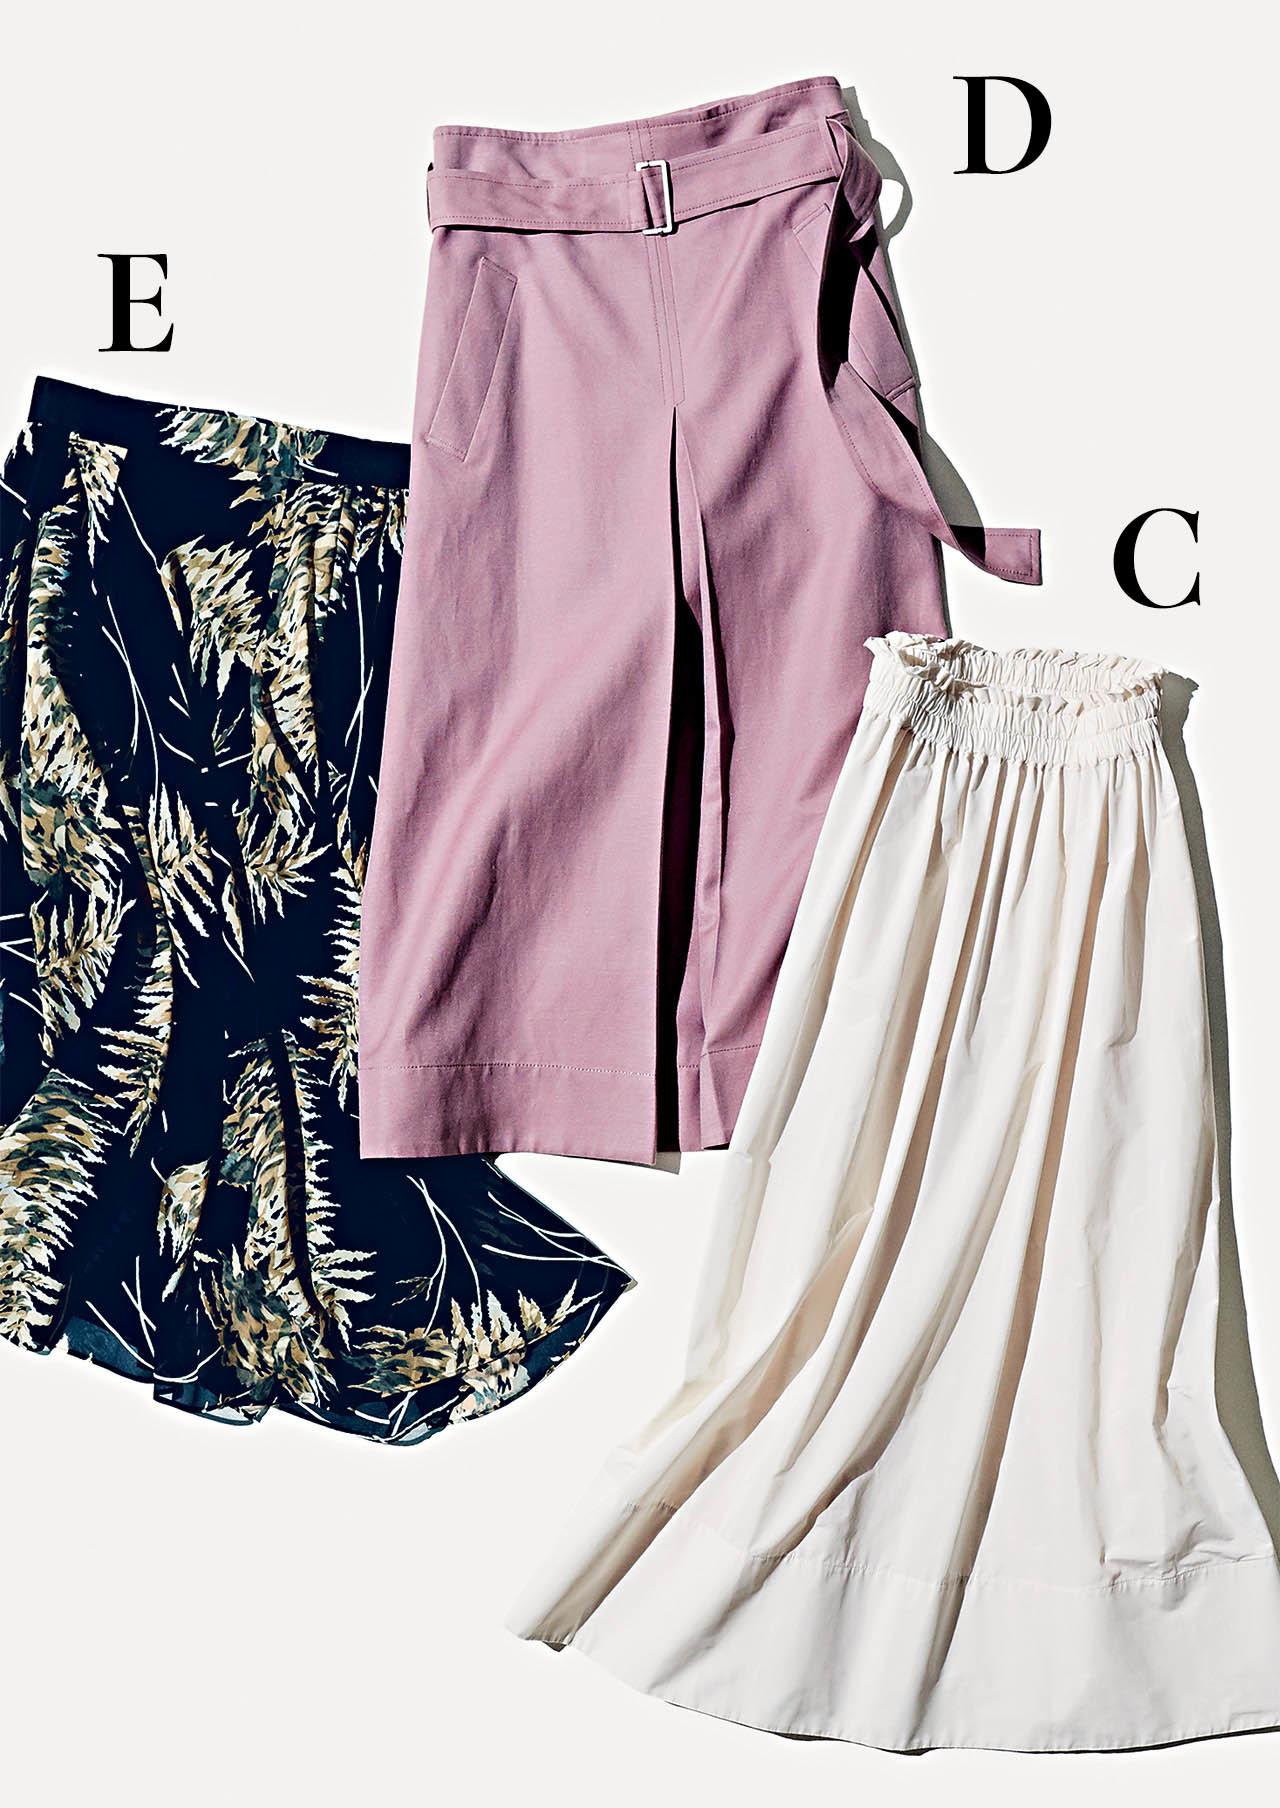 C:エブールの白ギャザースカート D:エブールのラベンダースカート E:レリタージュ マルティニークのプリントスカート